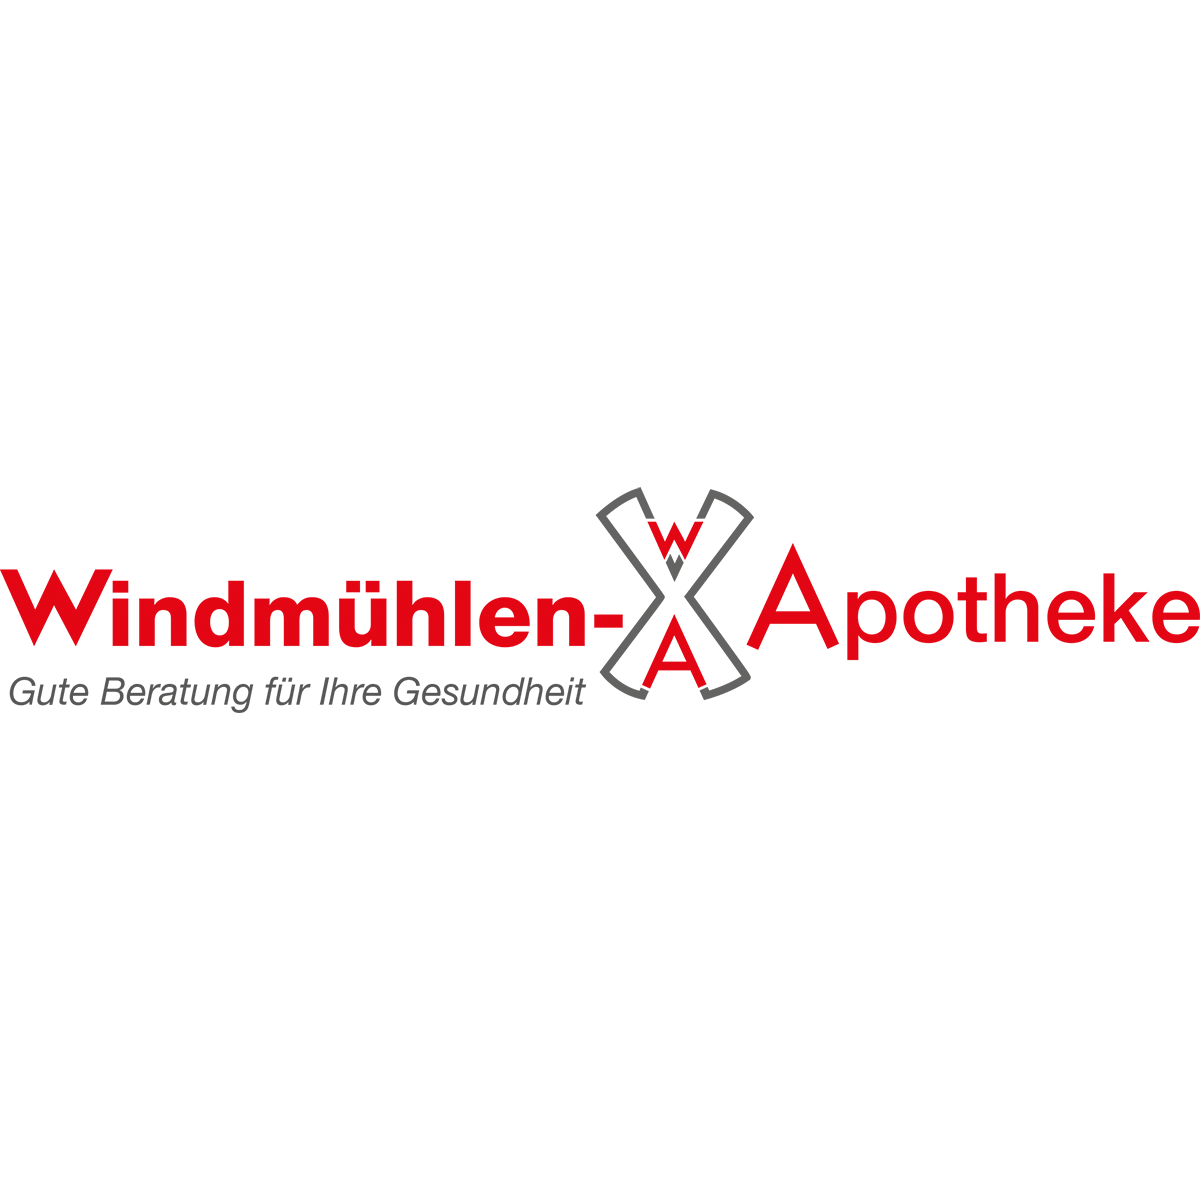 Windmühlen-Apotheke